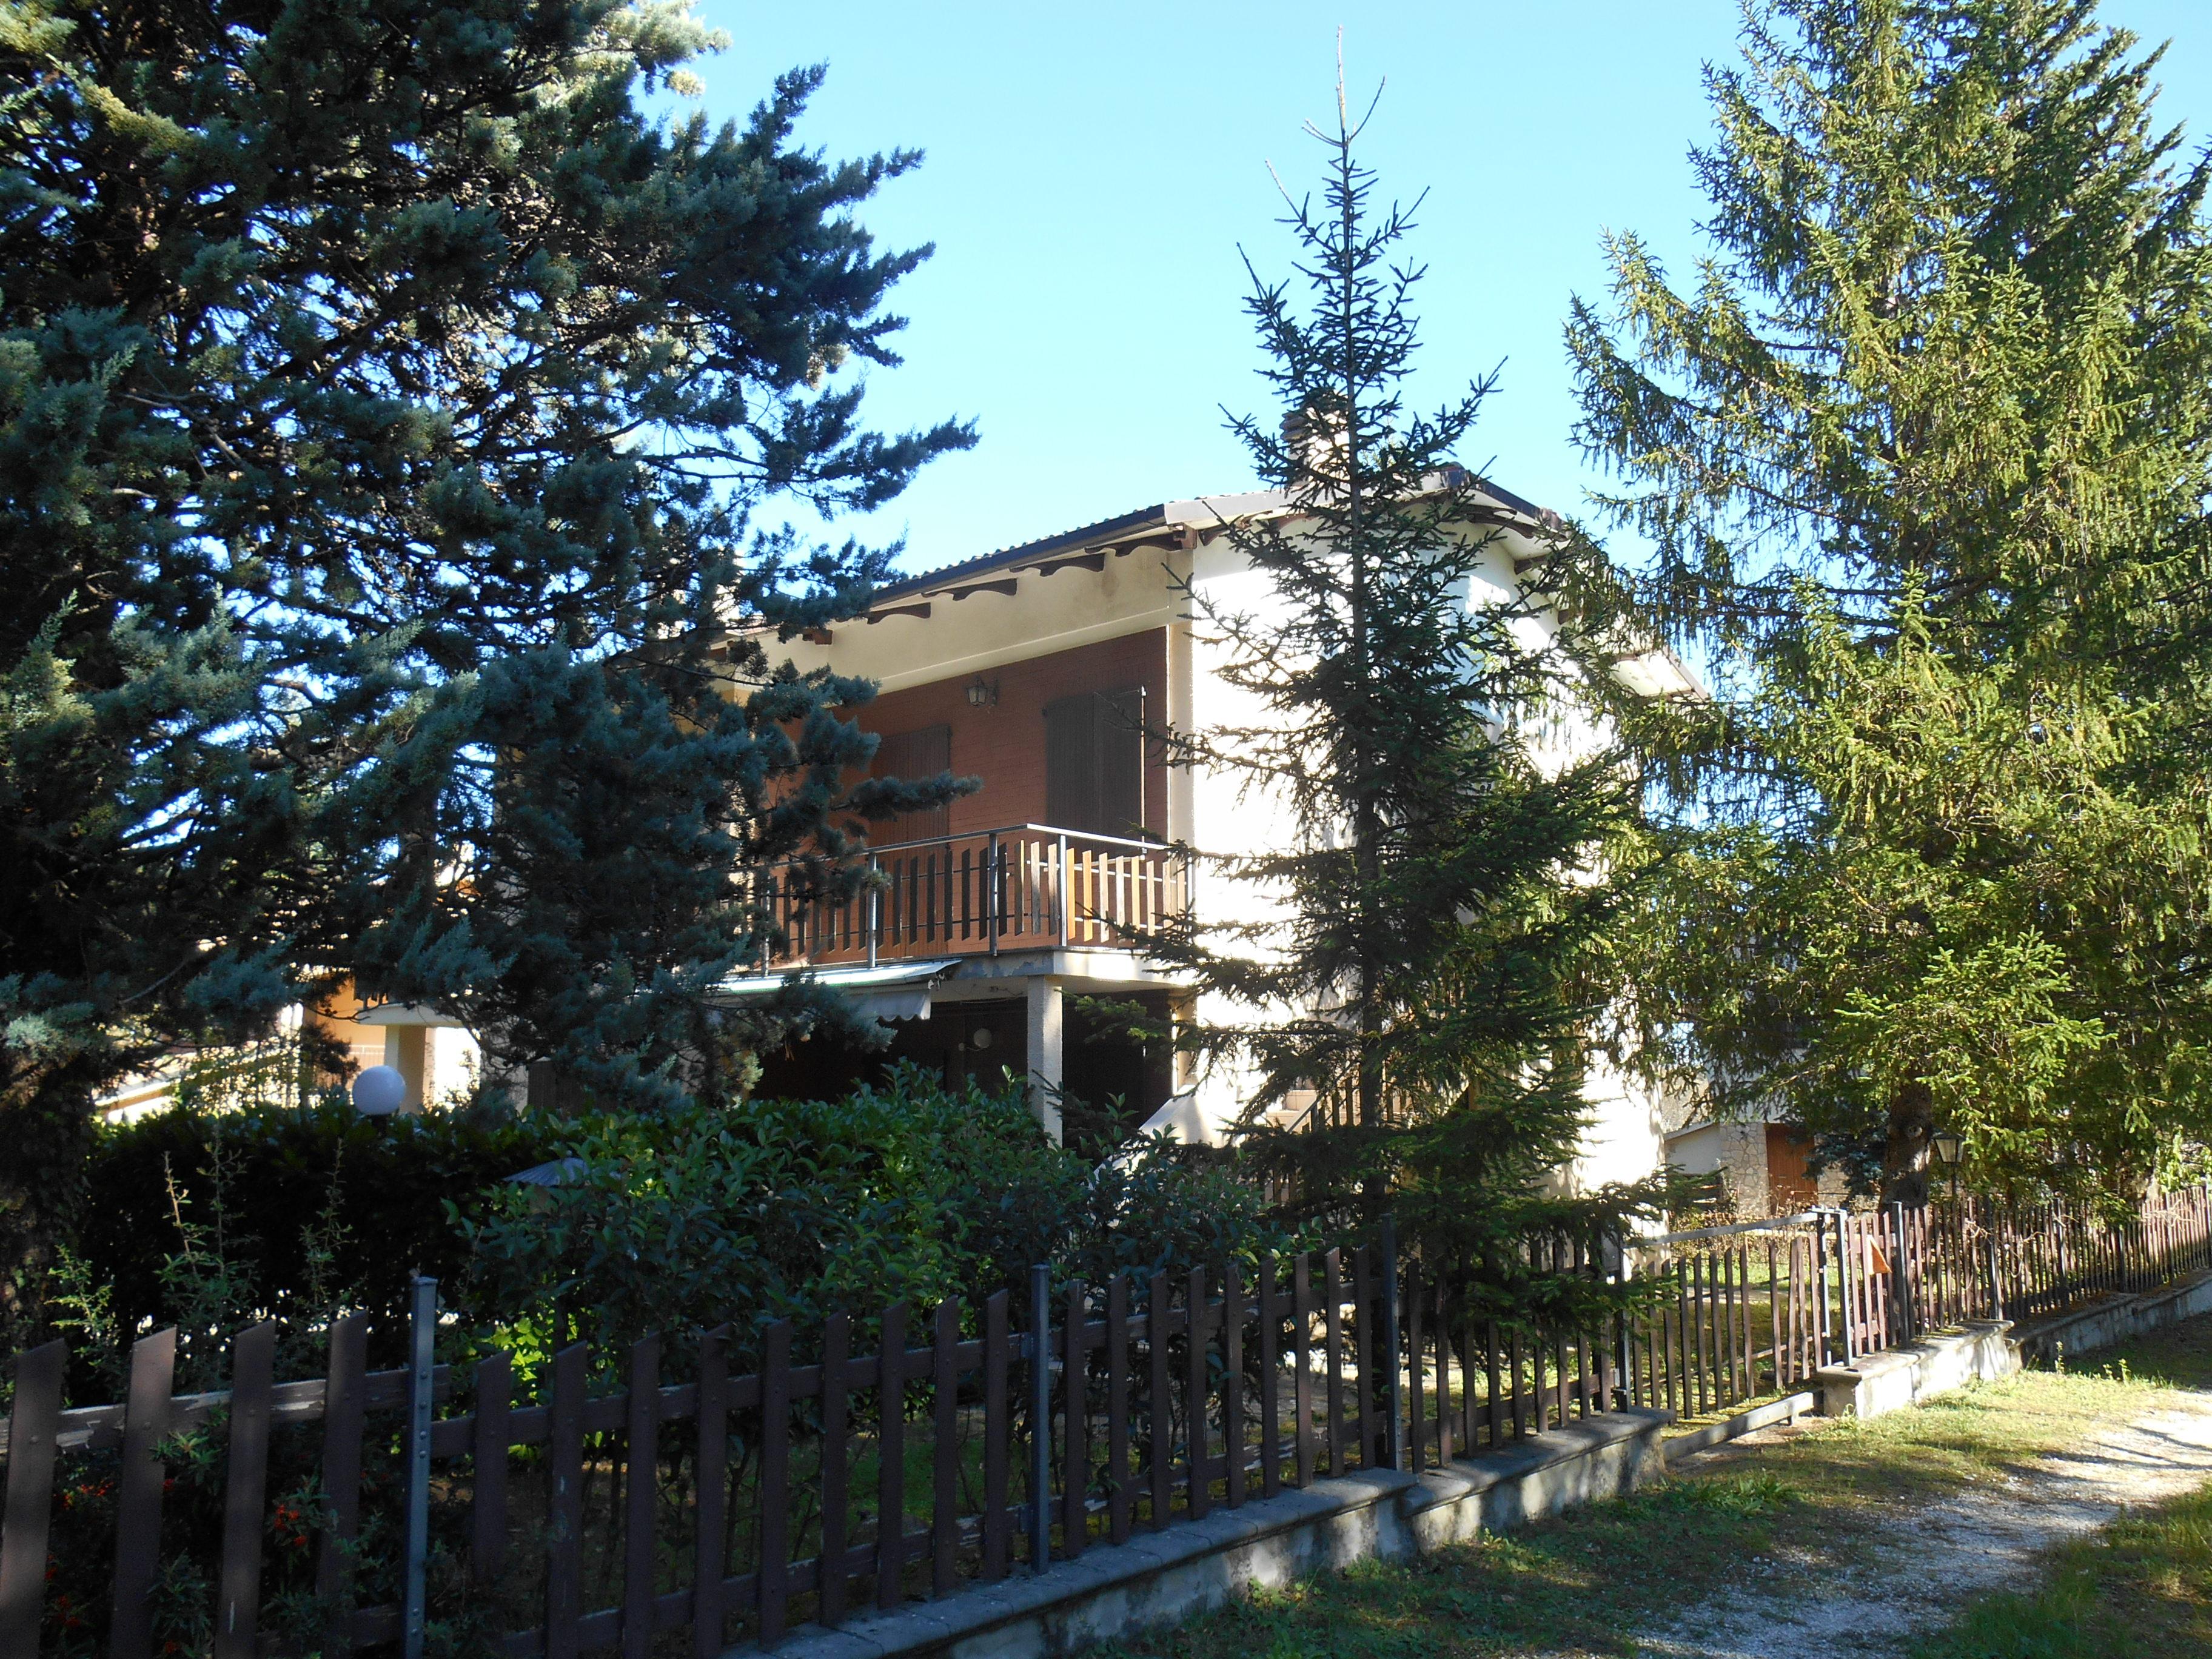 163 – Villetta Villaggio Turistico